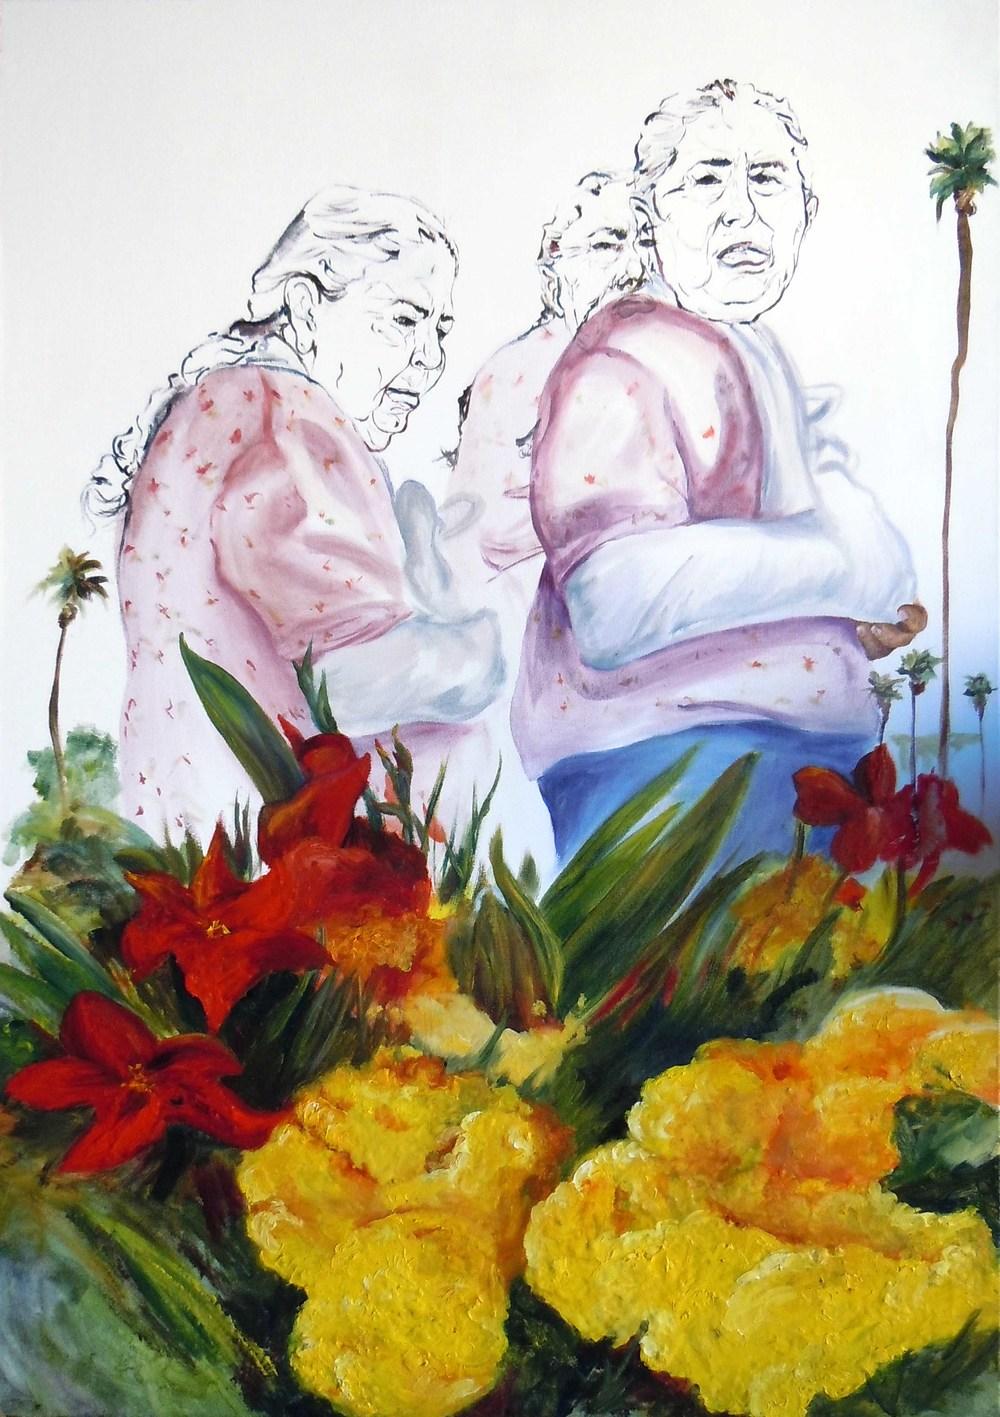 Tonantzin, la vieja Xochiquetzal o Día de difuntos  2011 mixed media on paper 140 x 98 cm